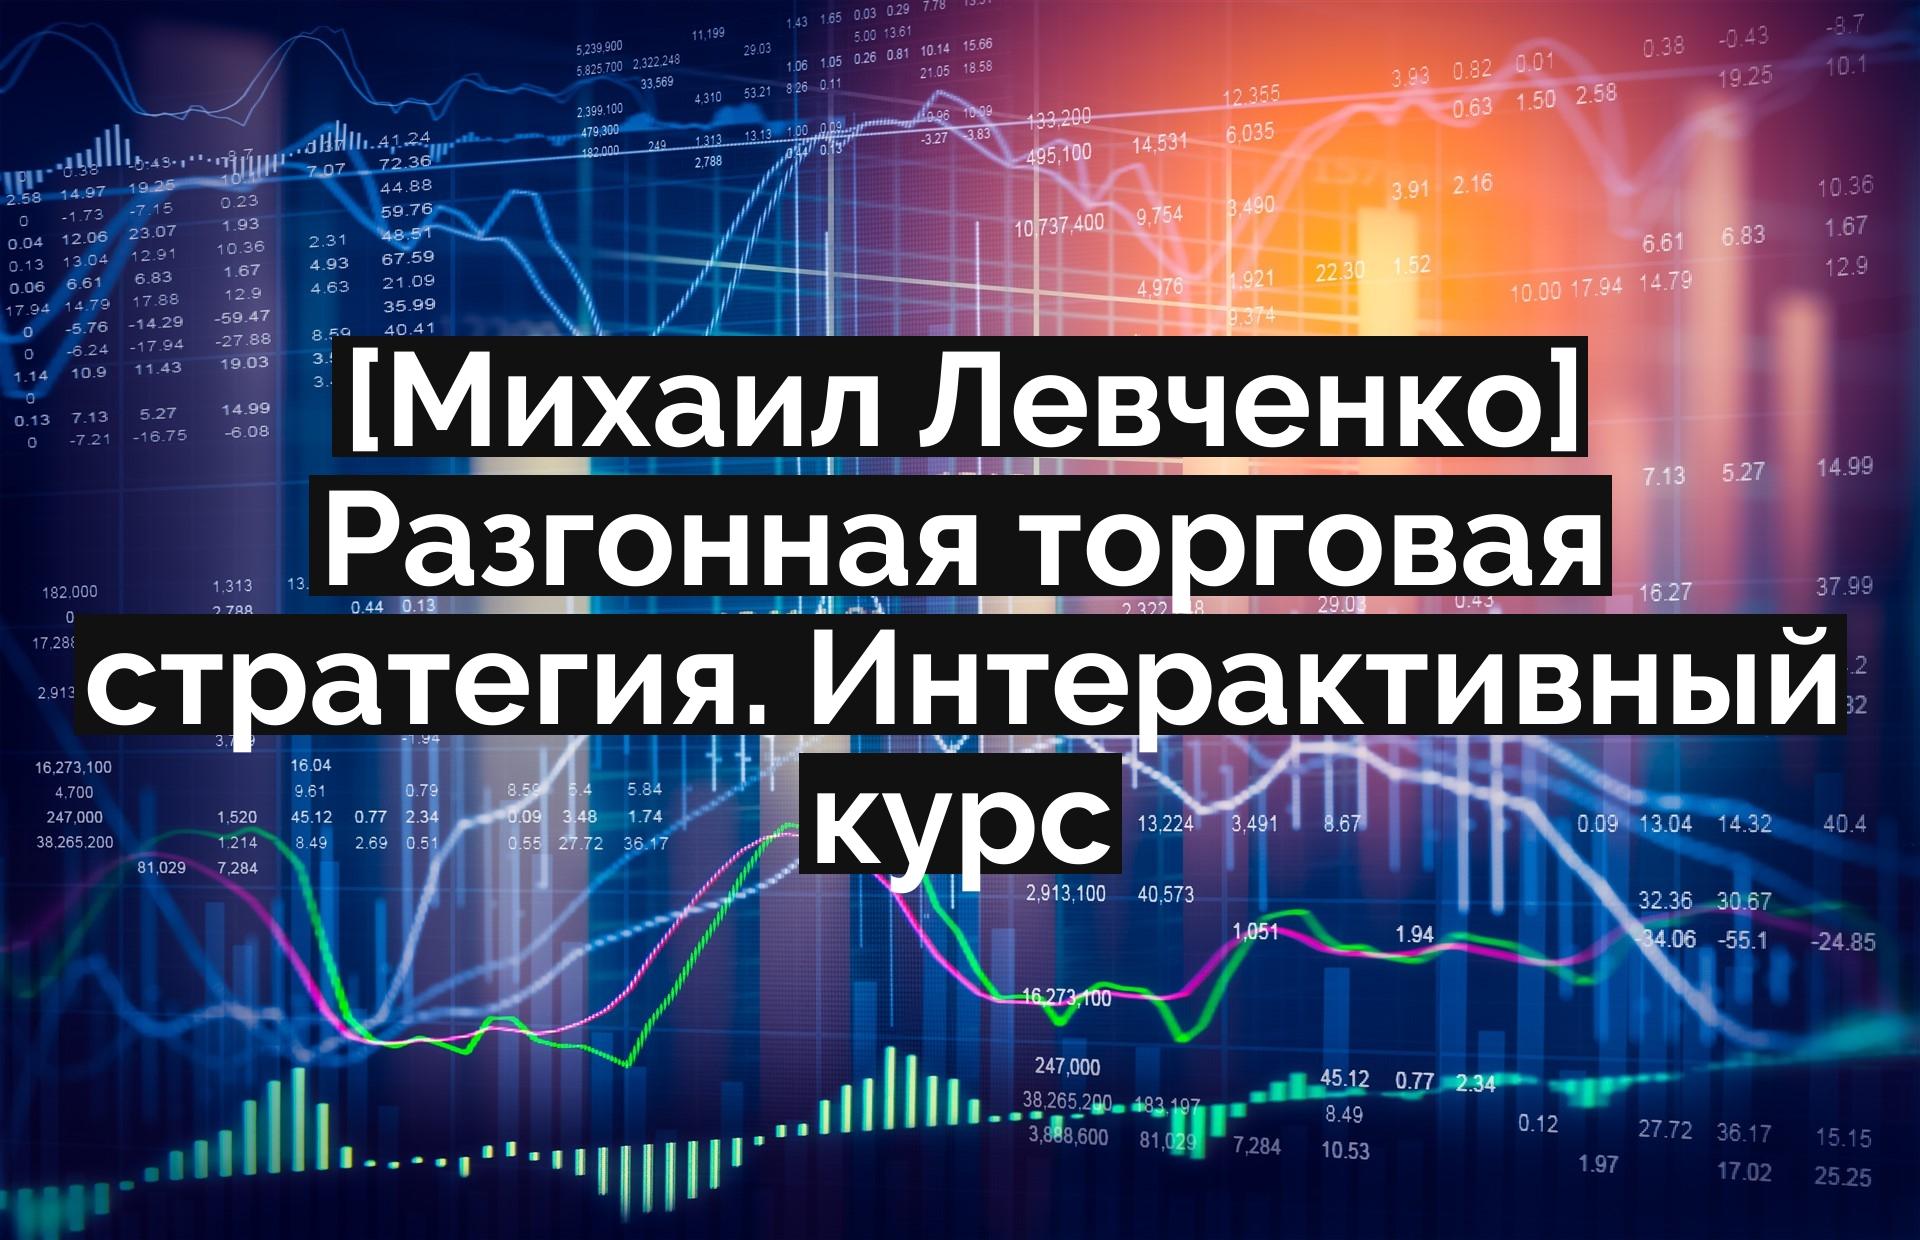 [Михаил Левченко] Разгонная торговая стратегия. Интерактивный курс